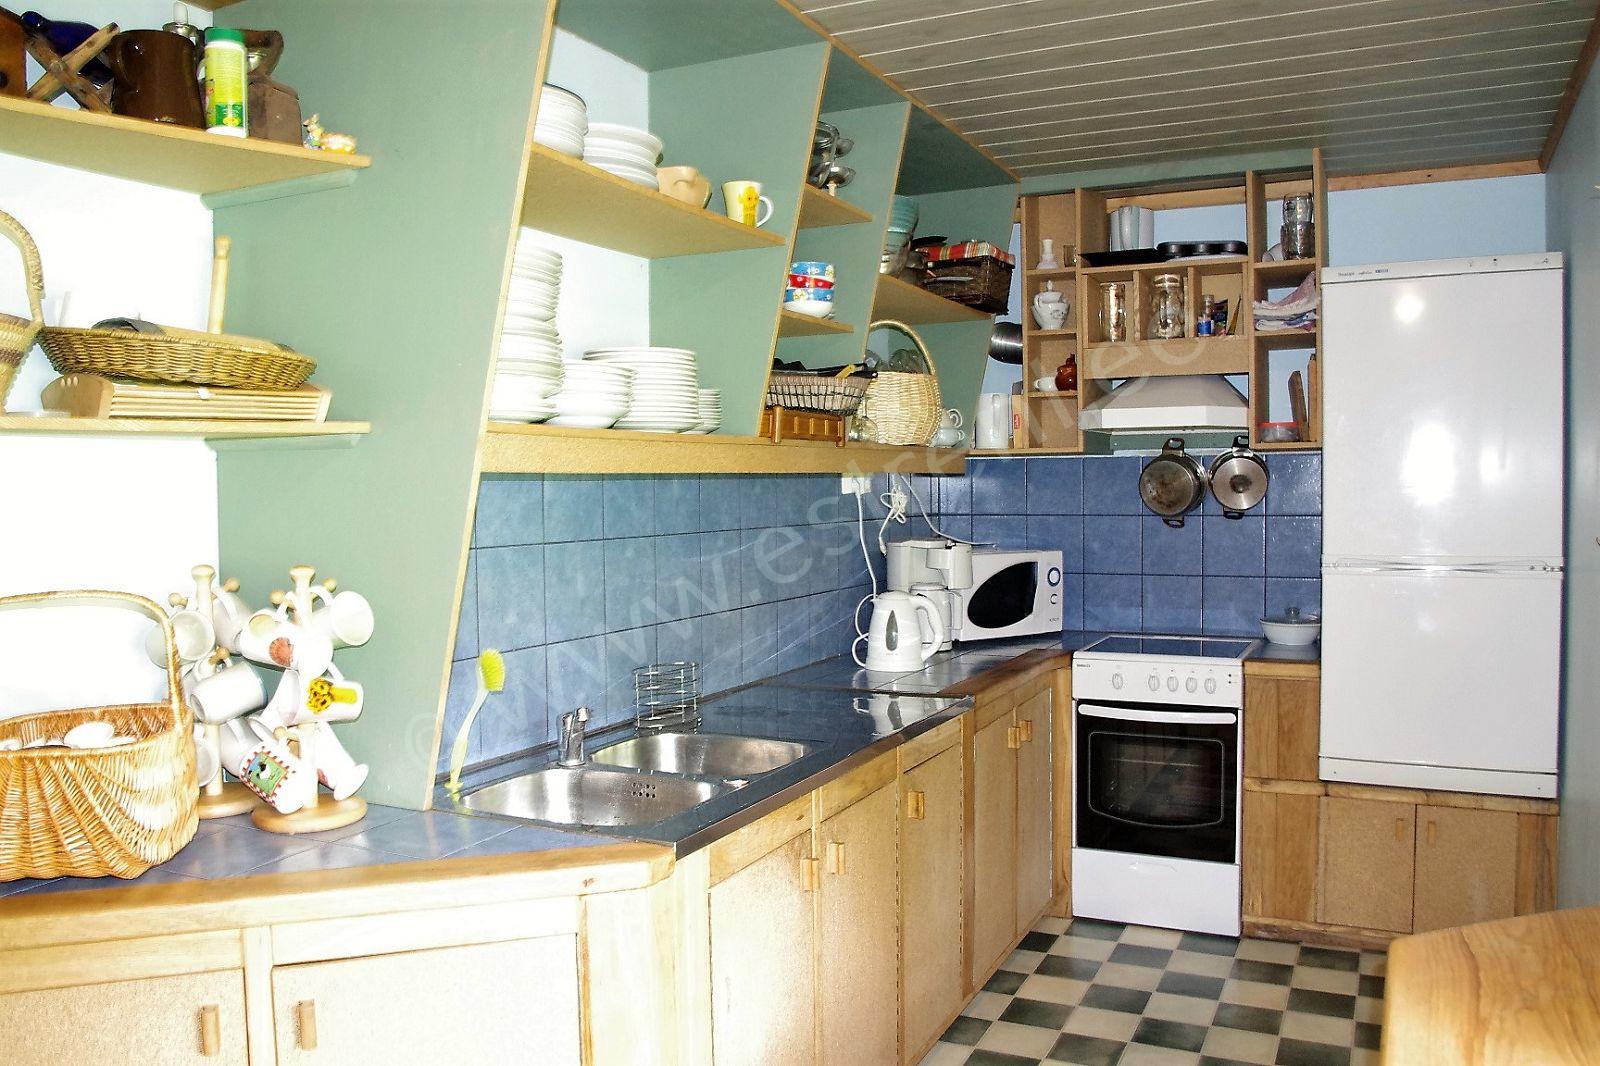 saaremaa ferienhaus - siiksaare » valjala » saaremaa » estland, Badezimmer ideen